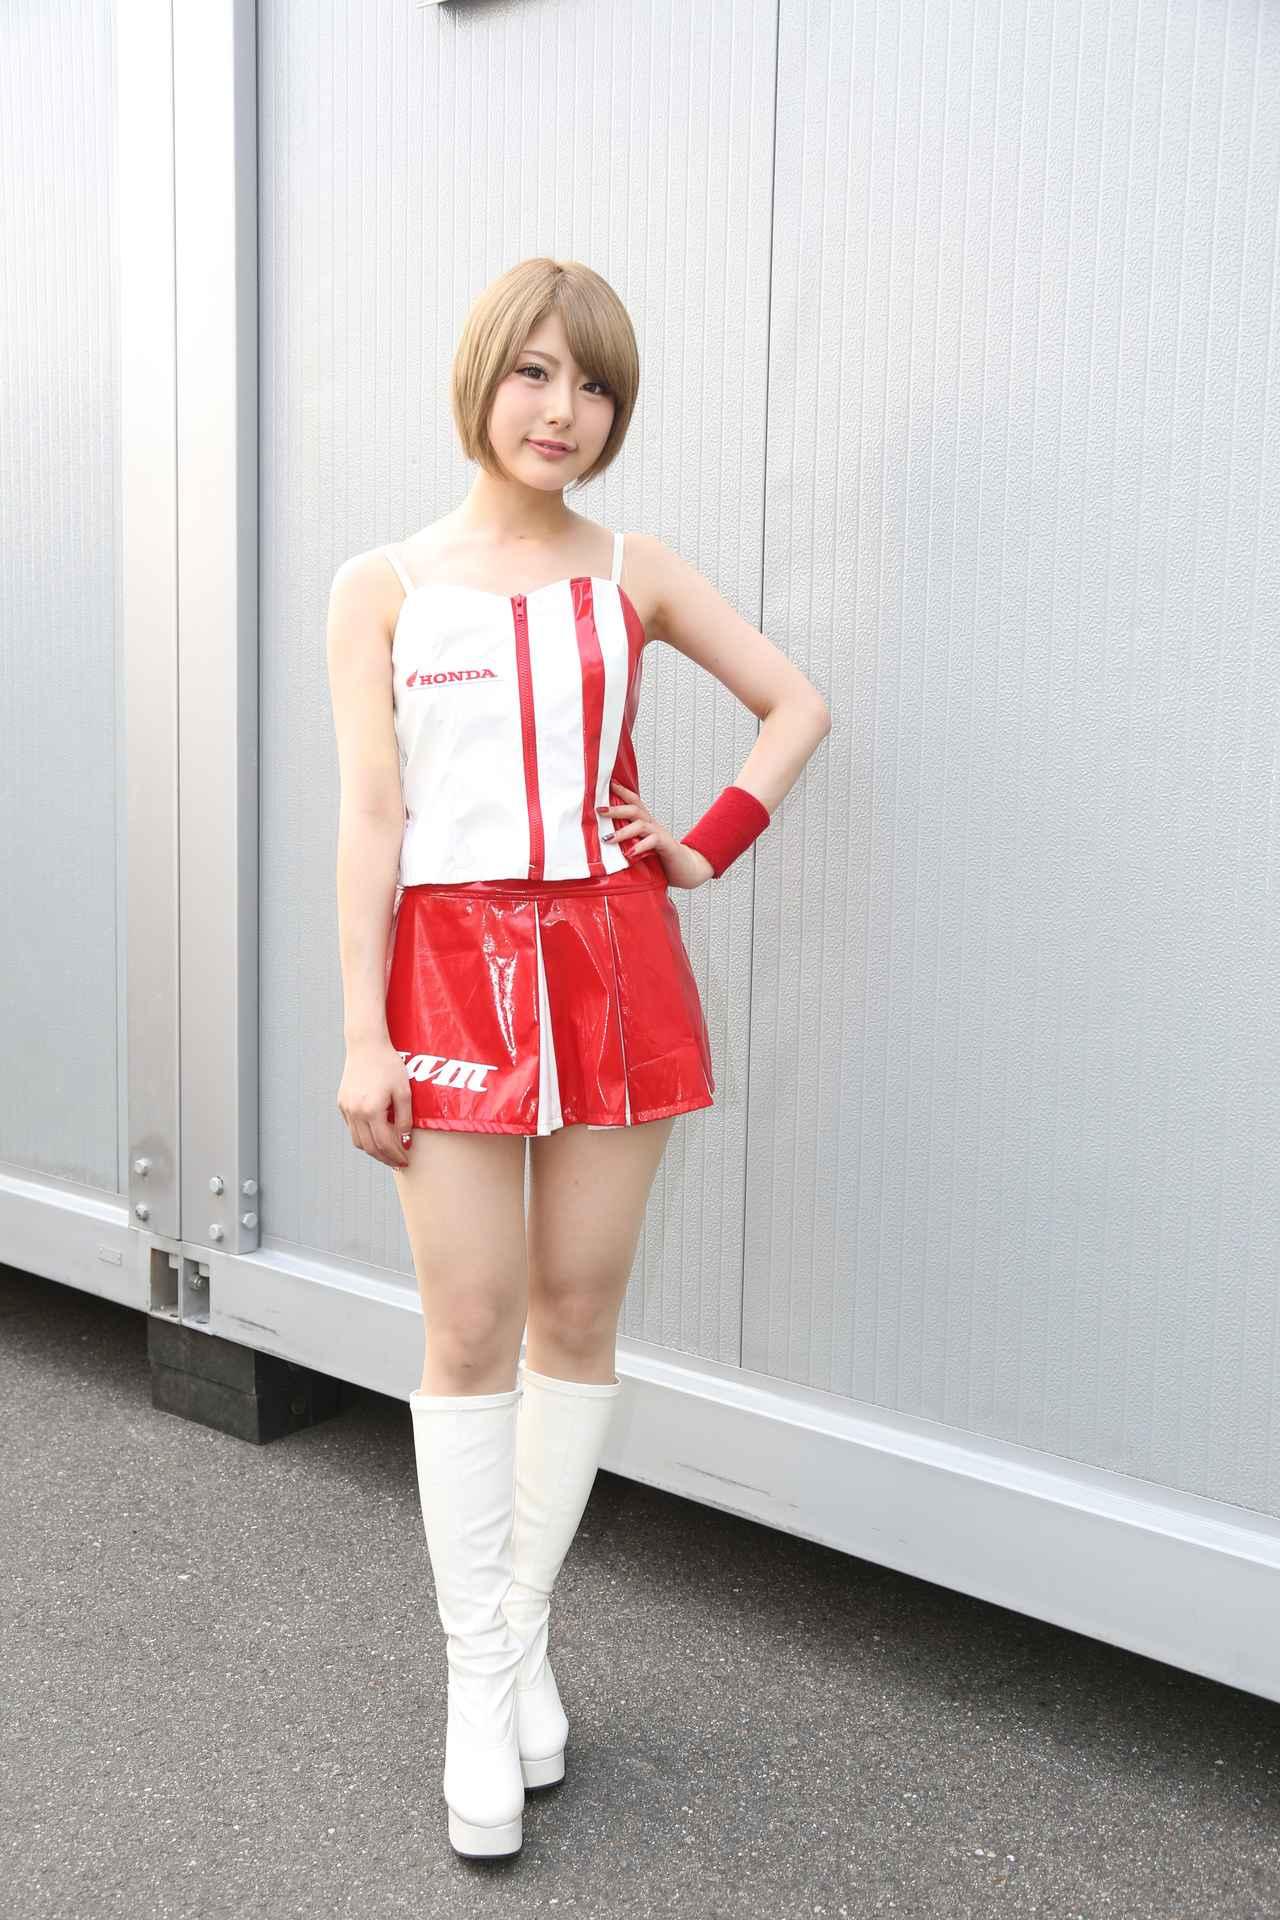 画像2: レースクイーンは藤咲花蓮さん!